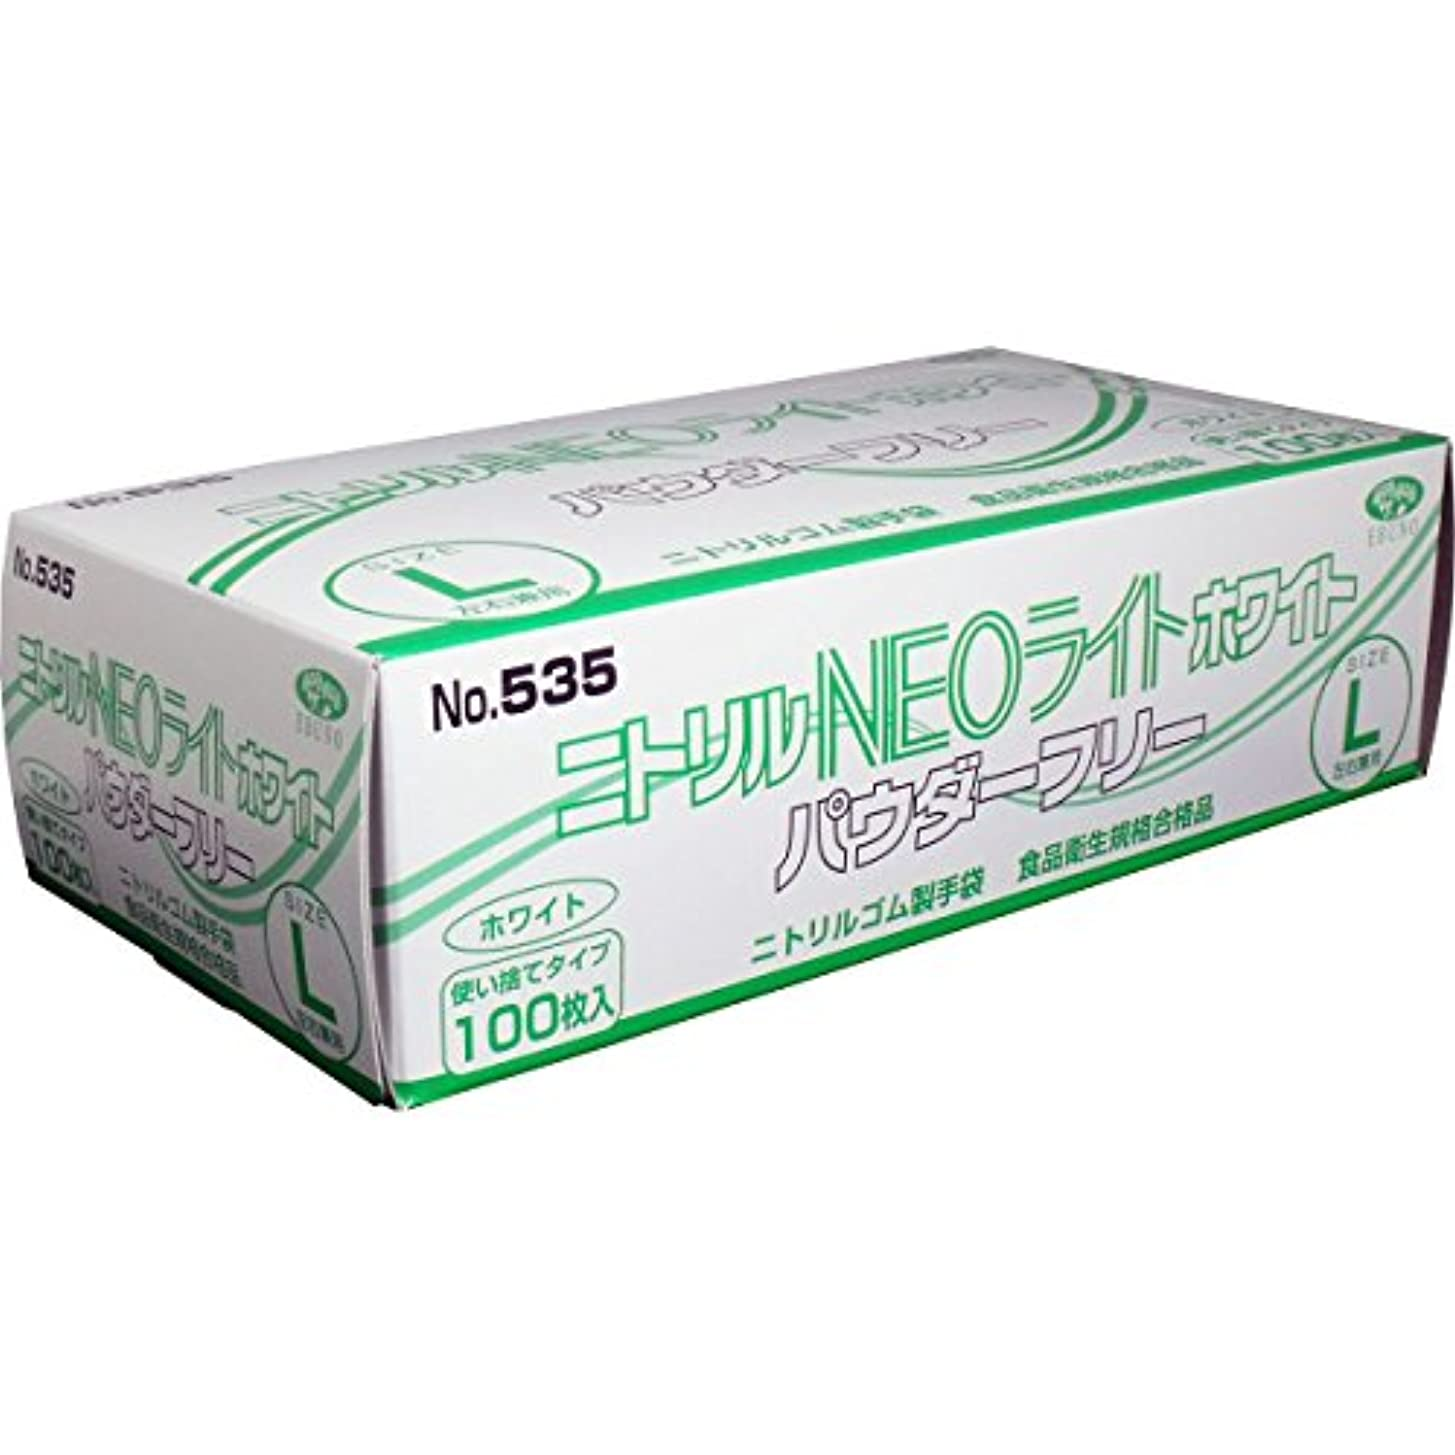 解読する破壊する驚くばかりニトリル手袋 NEOライト パウダーフリー ホワイト Lサイズ 100枚入 ×10個セット